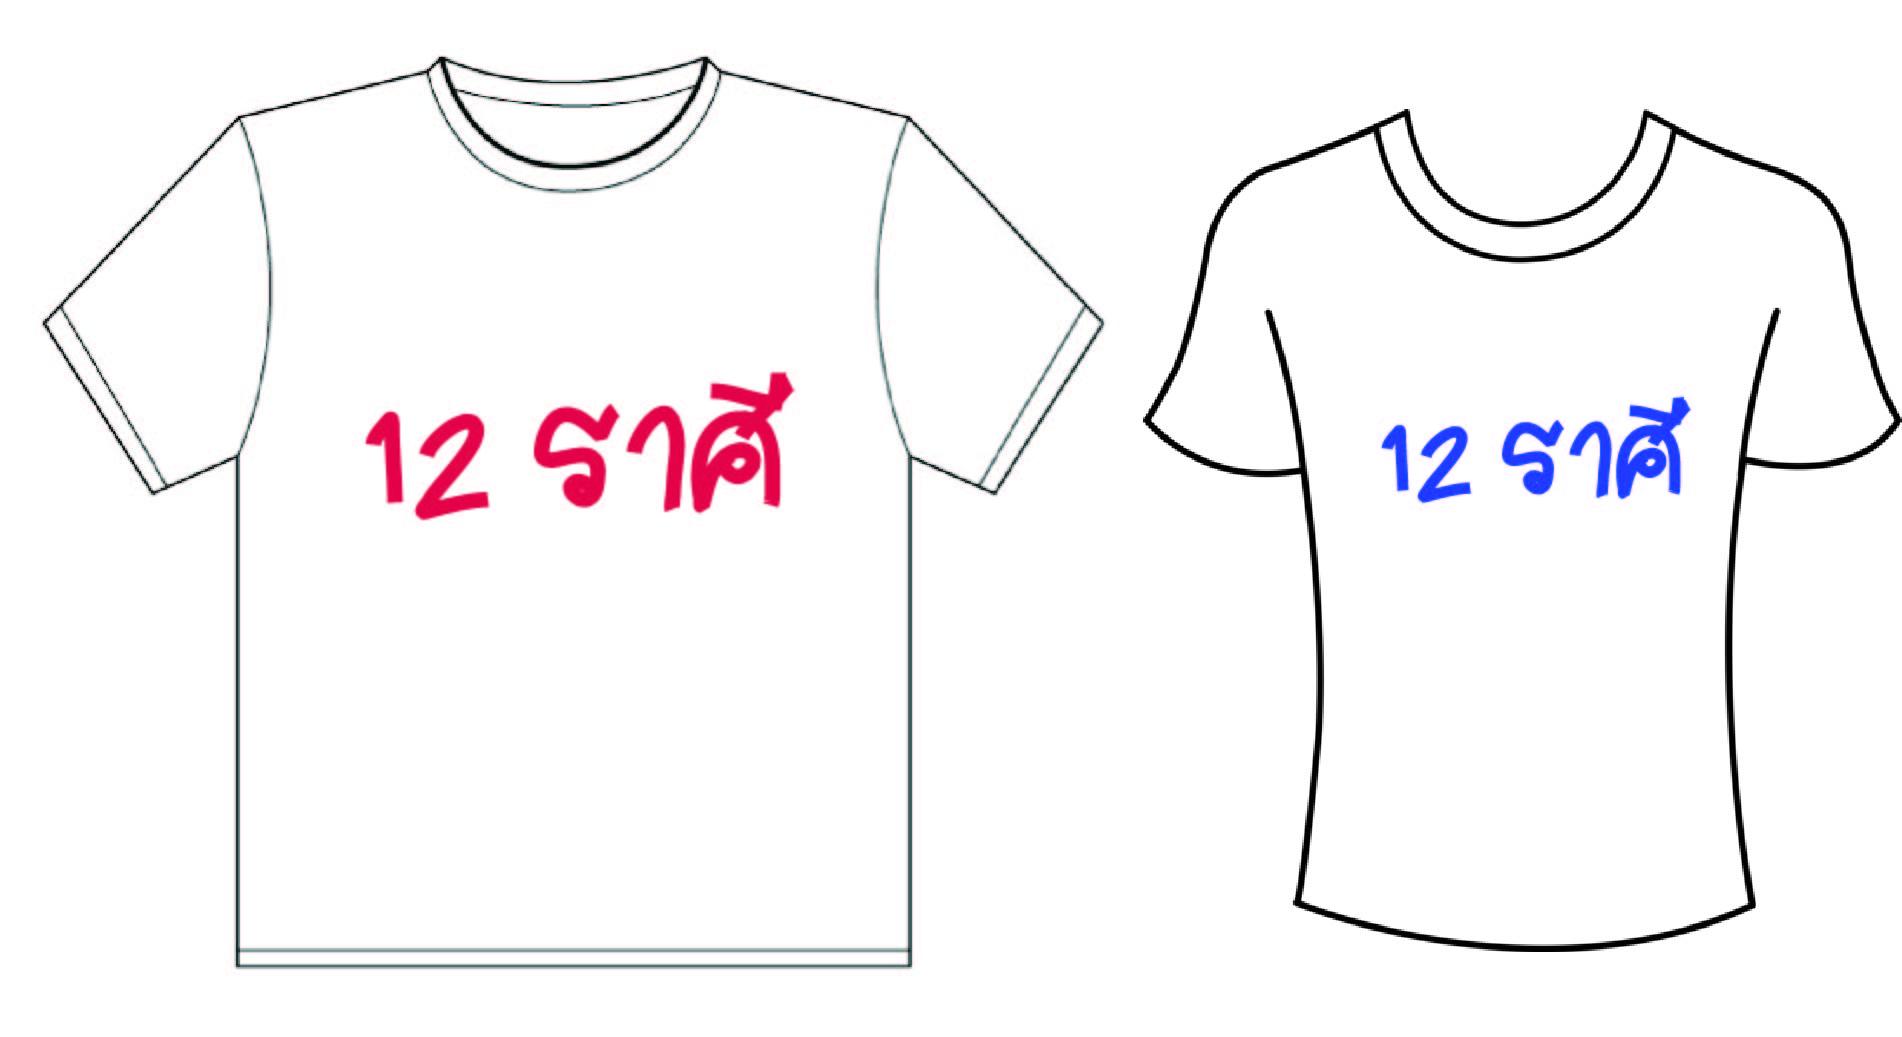 เสื้อยืดสีขาวสำหรับพิมพ์ ภาพสี สวย คงทนสีไม่ตก จำหน่ายราคาปลีกส่ง free size ชายหญิง